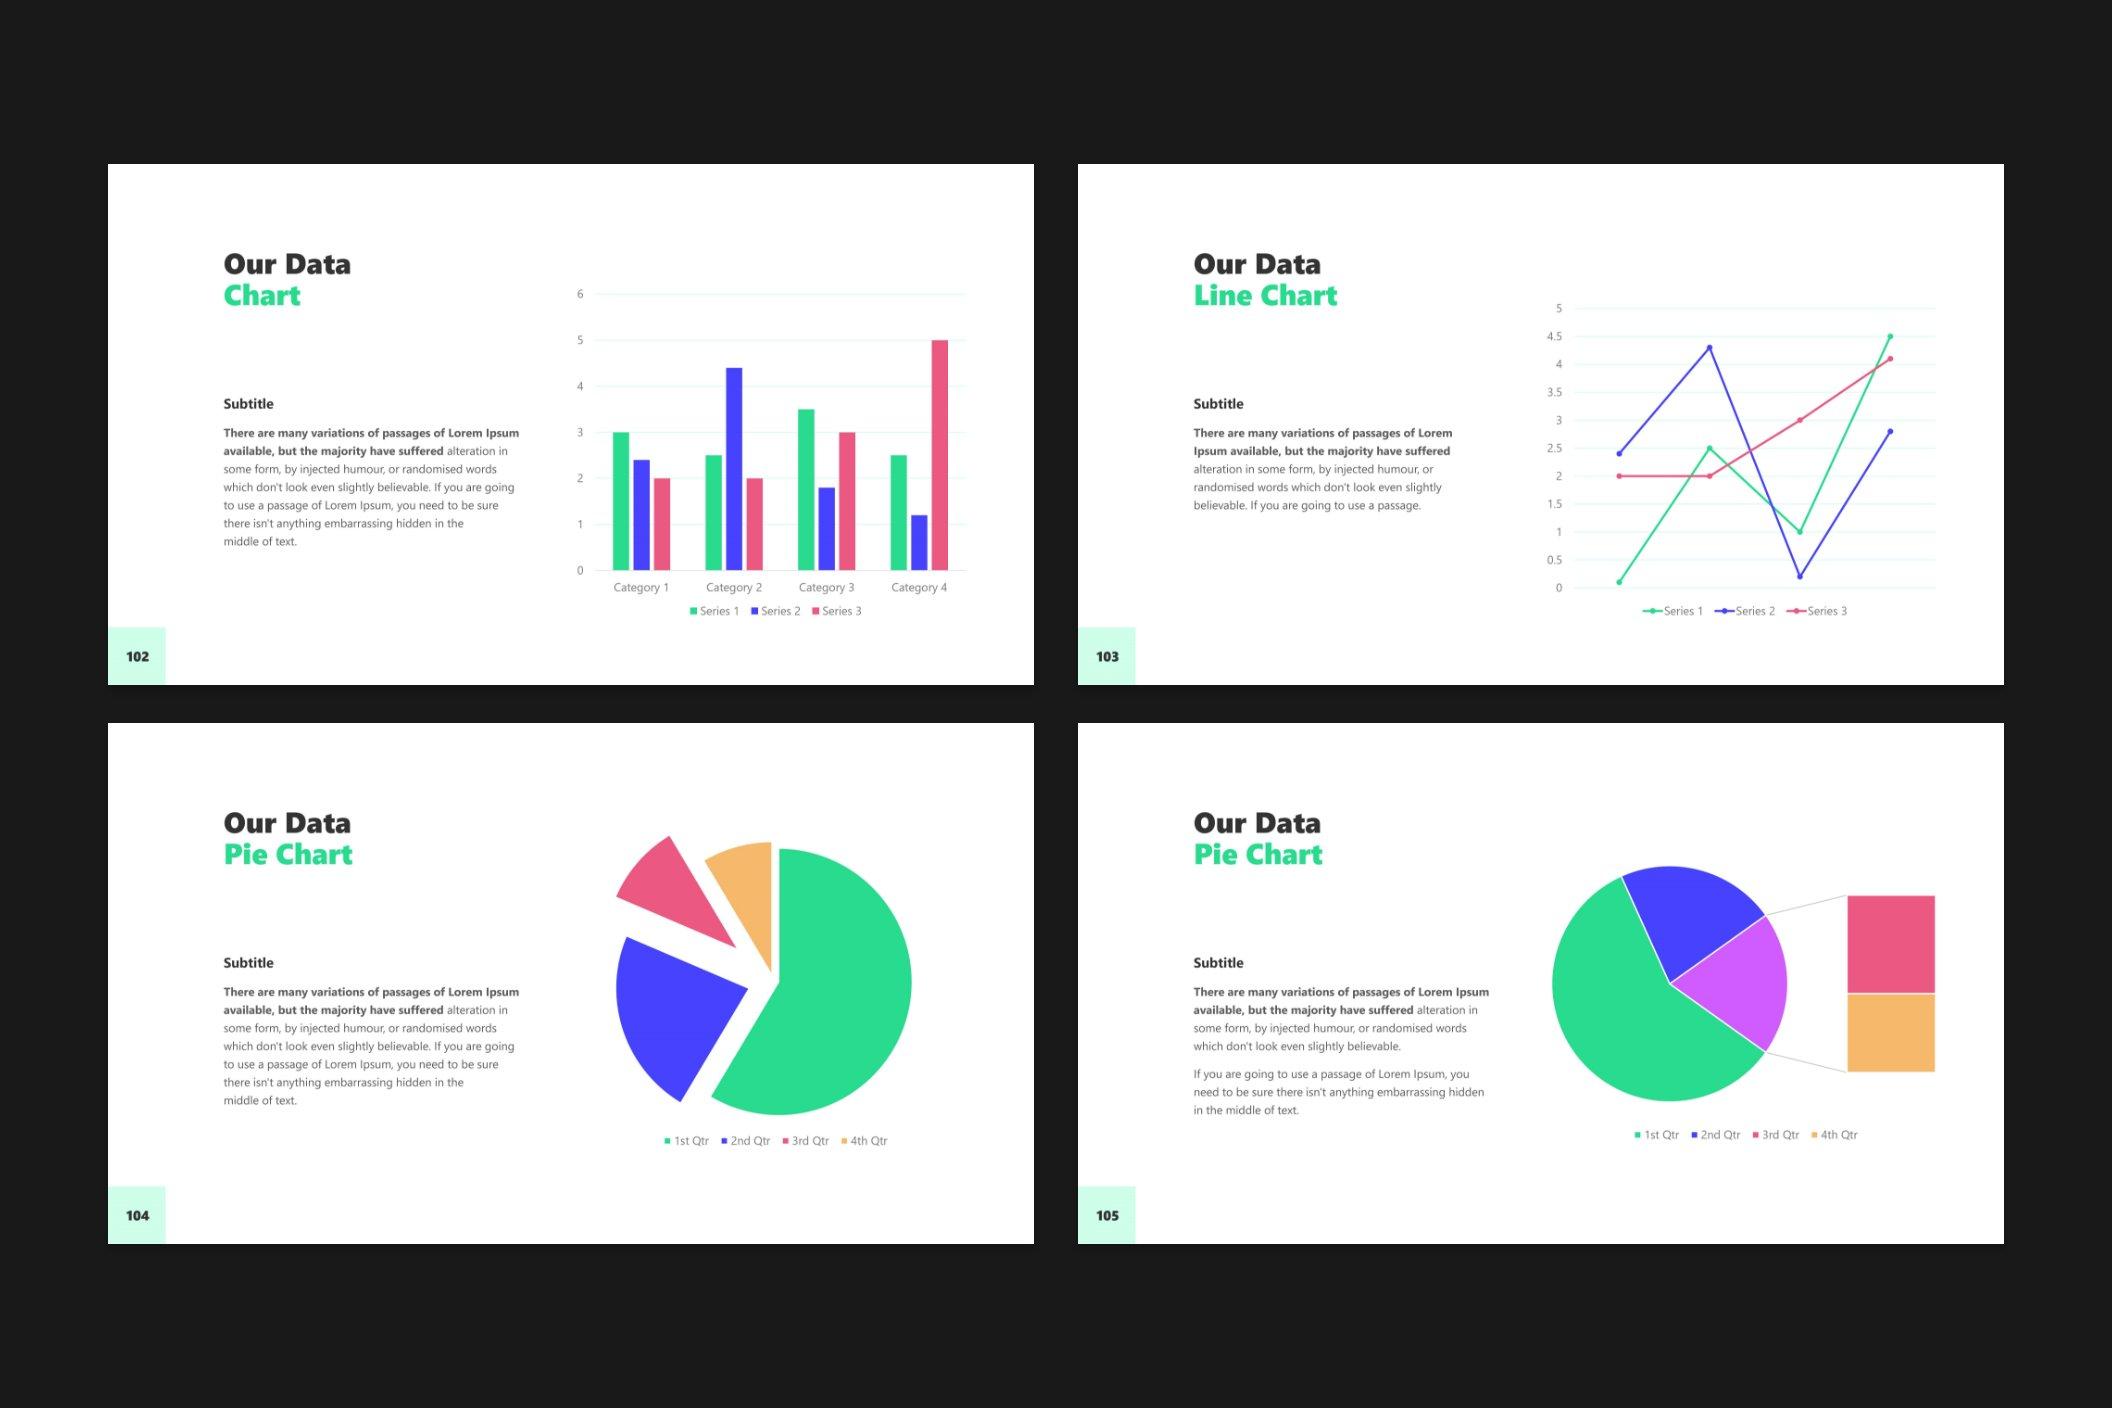 Data charts.